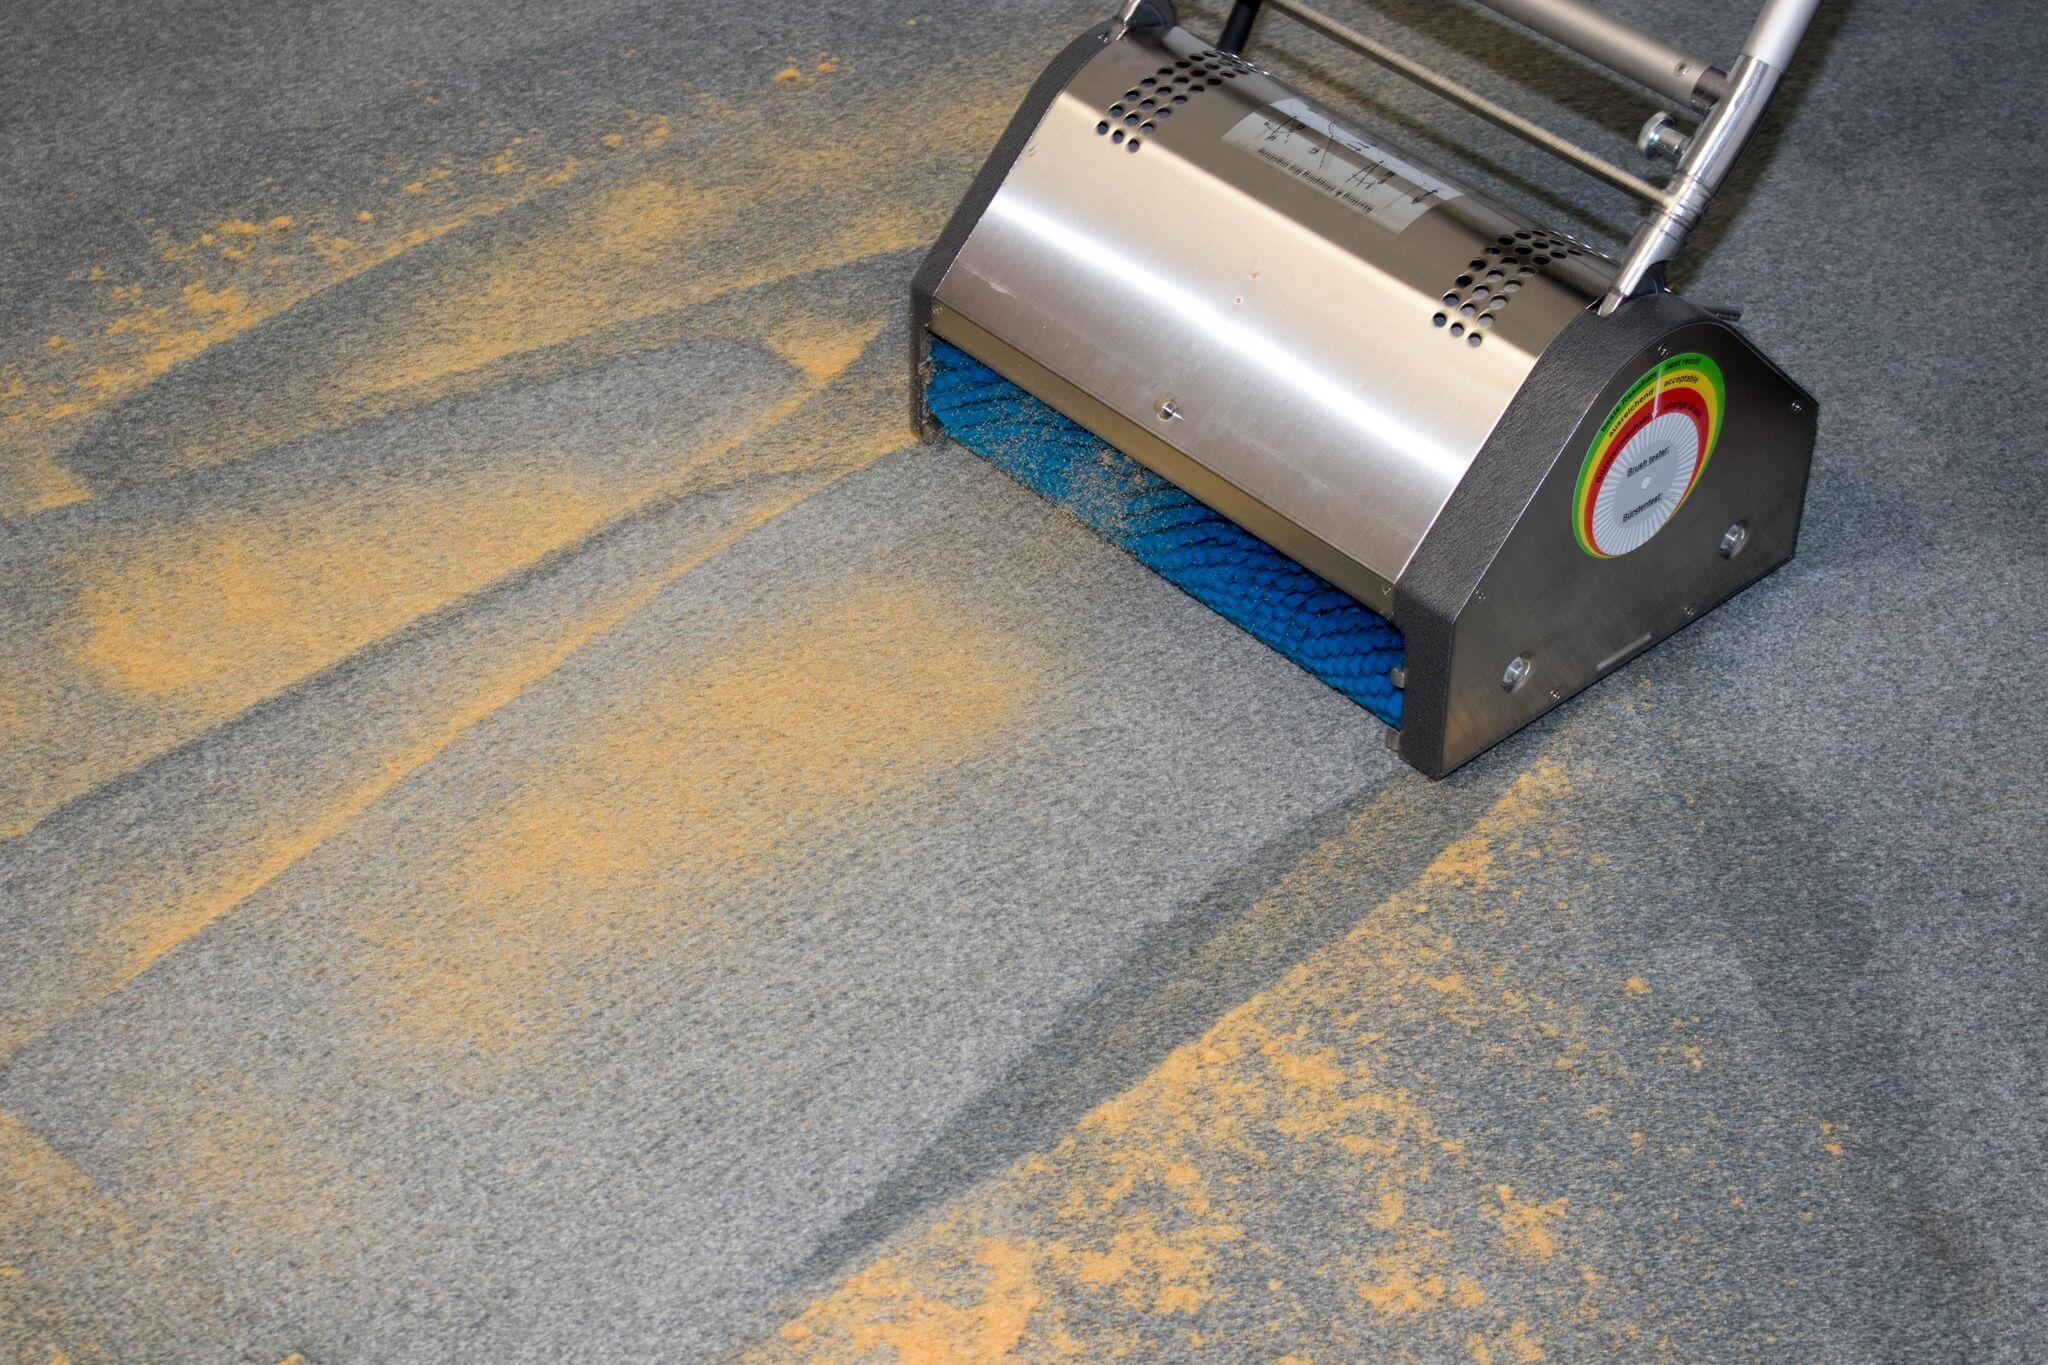 Limpeza de Carpete de Escritório